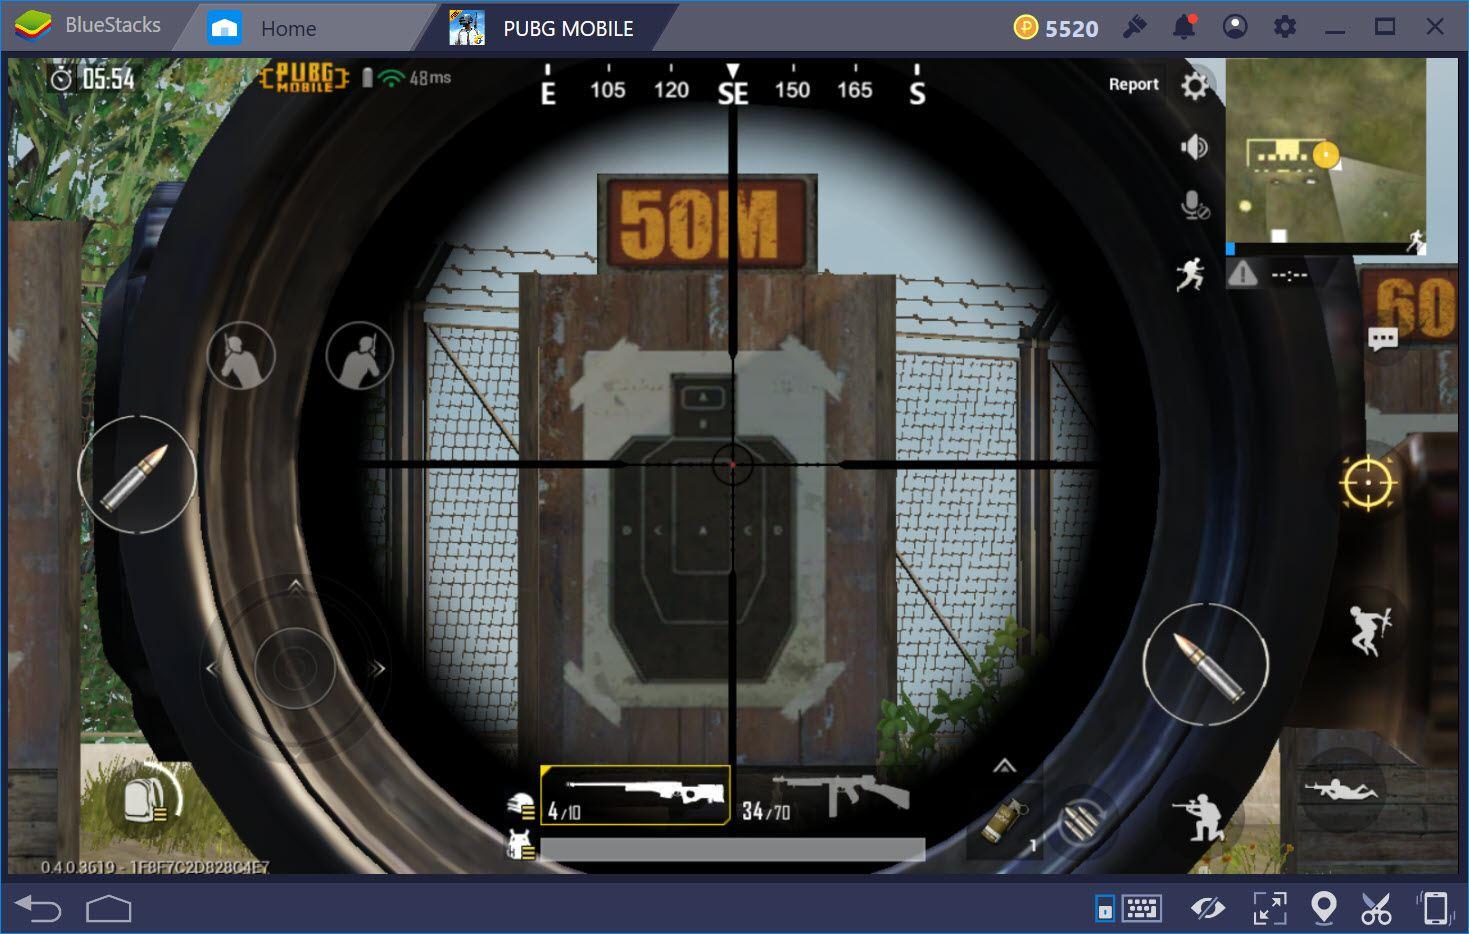 Phân biệt Holographic Sight, Red Dot, Scope 2x, 4x, 8x trong PUBG Mobile